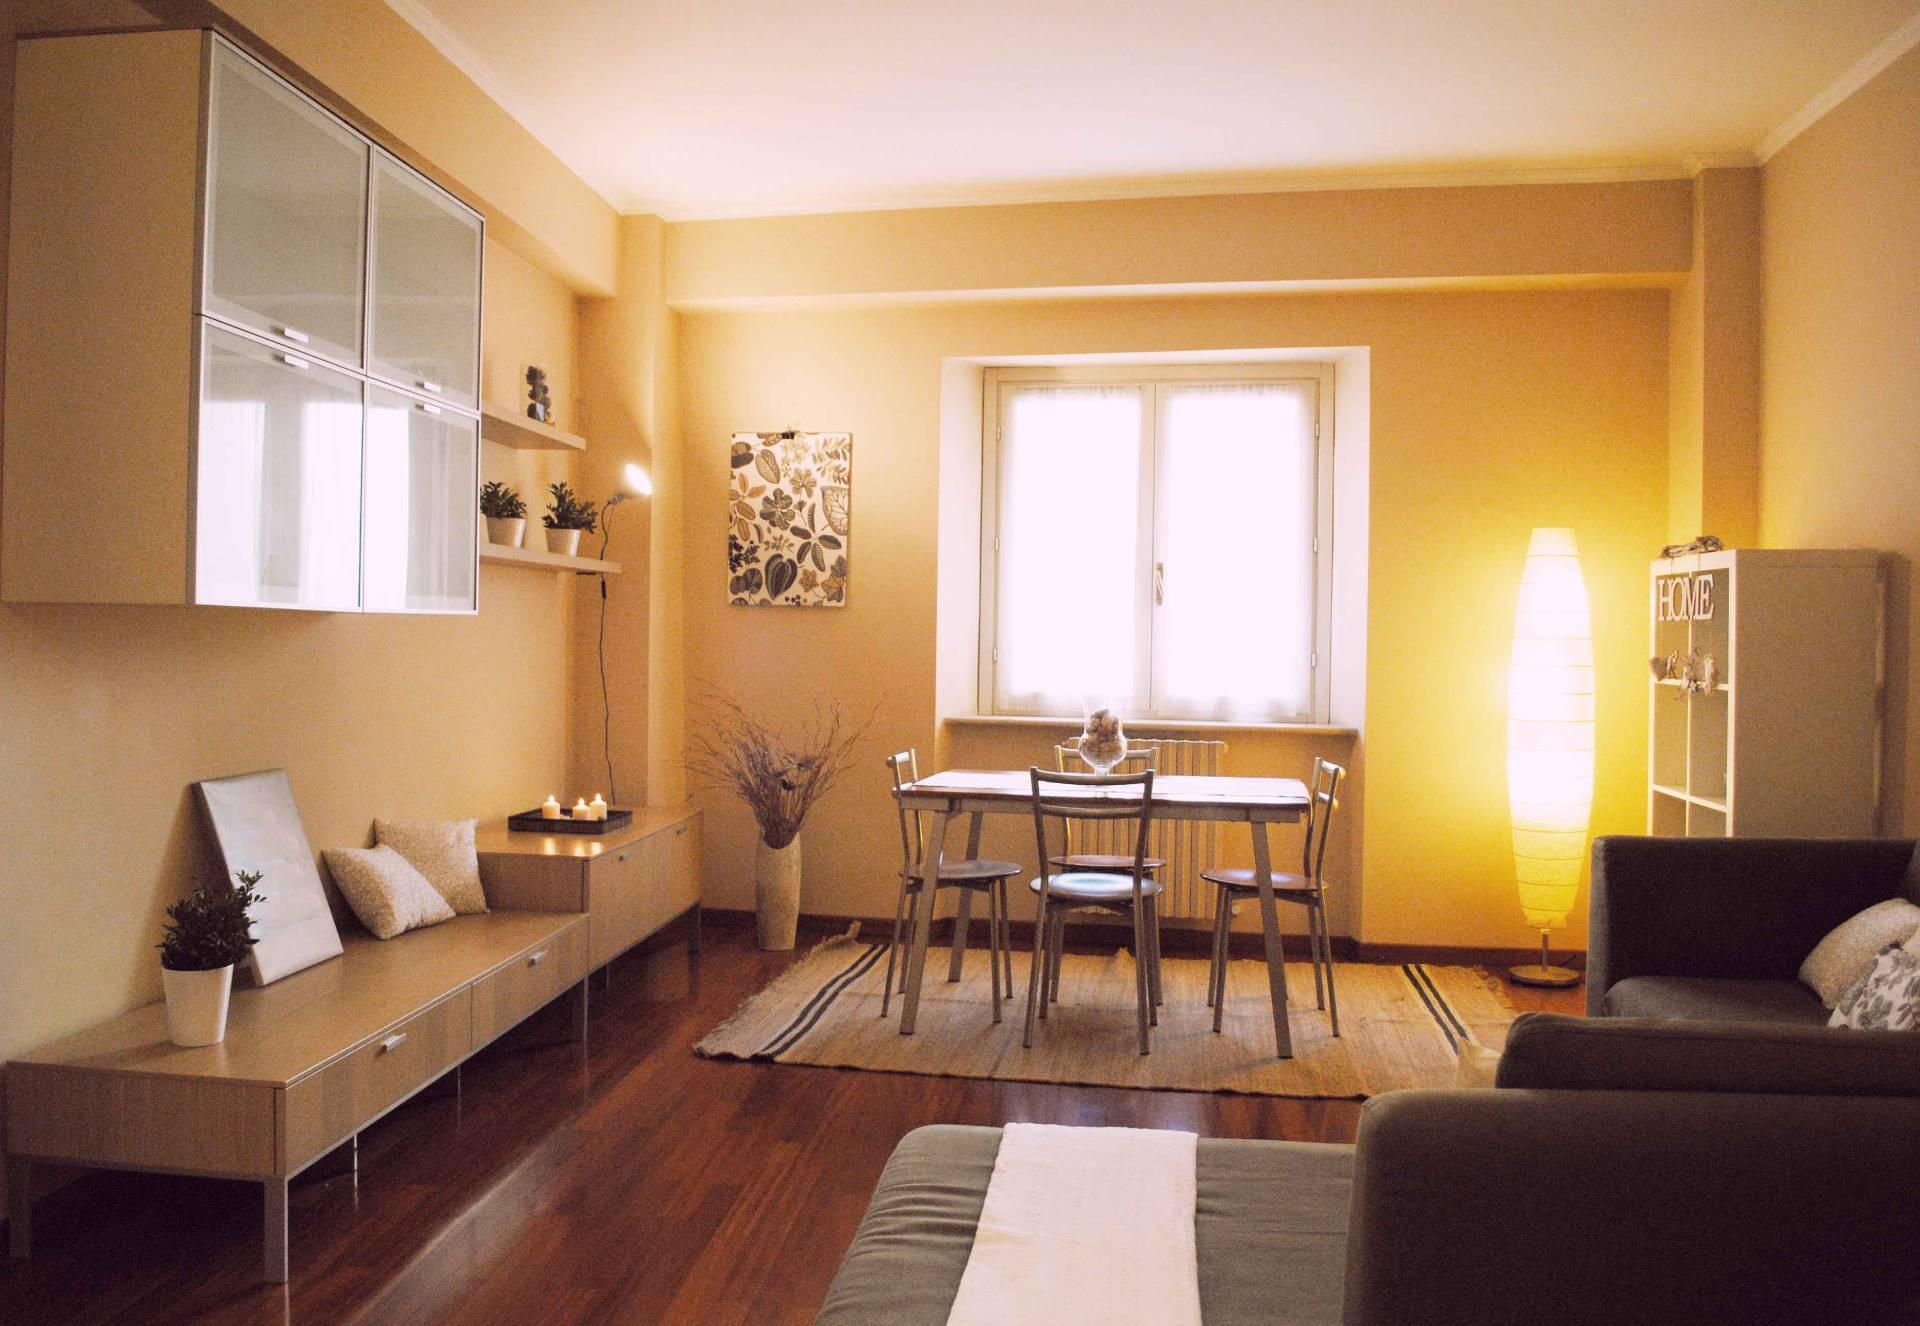 Appartamento in affitto a Ancona, 4 locali, zona Località: Centrostorico, prezzo € 690 | Cambio Casa.it